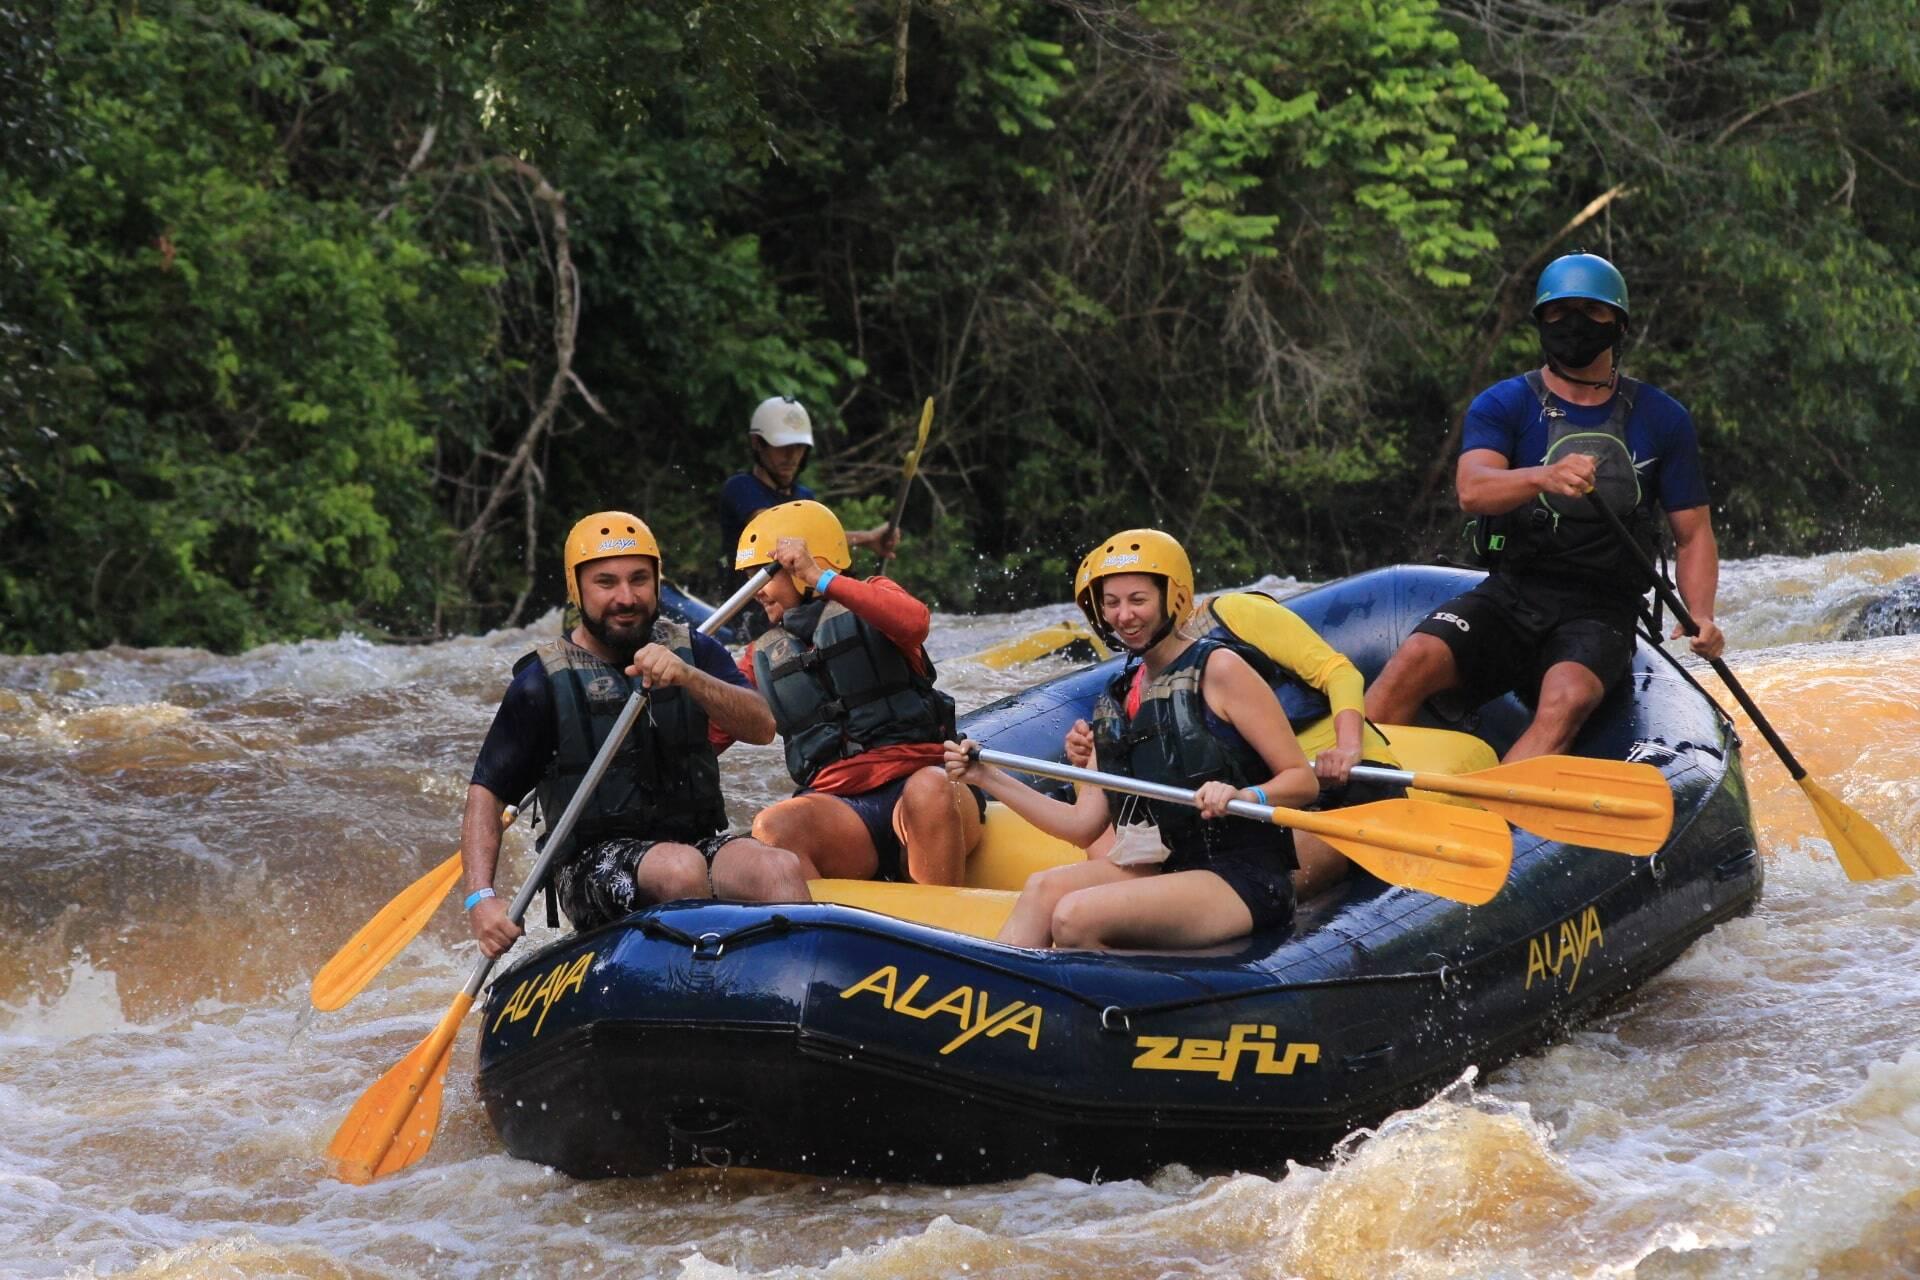 Sugestão para fazer ao viajar nas férias de julho: Rafting em Brotas (São Paulo).